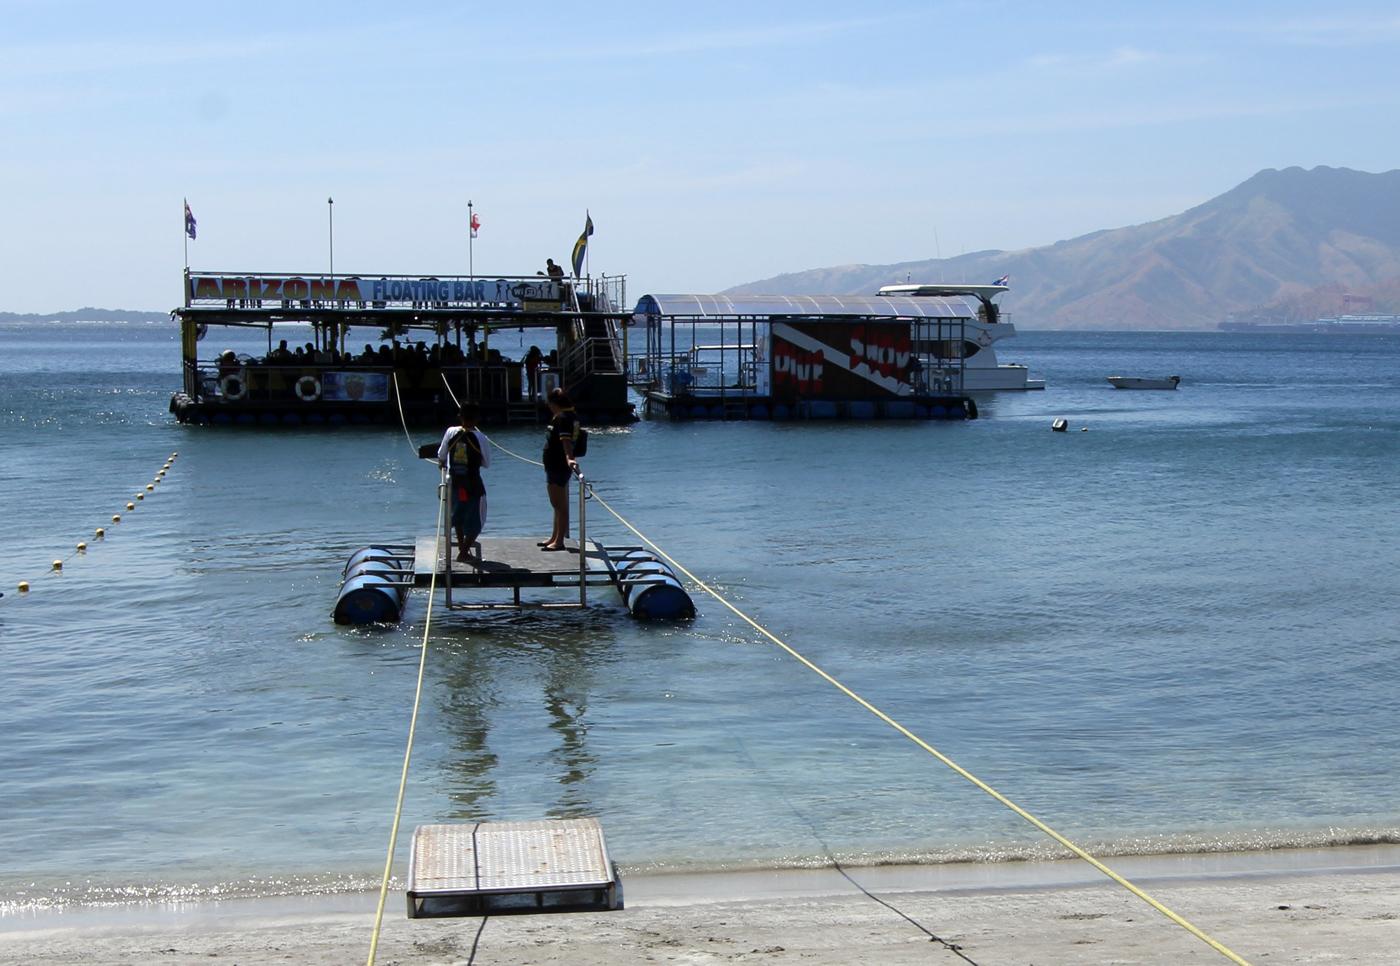 Flytende barer var det flere av i bukta, og de som ikke gidder å svømme kan ta kabelfergen.